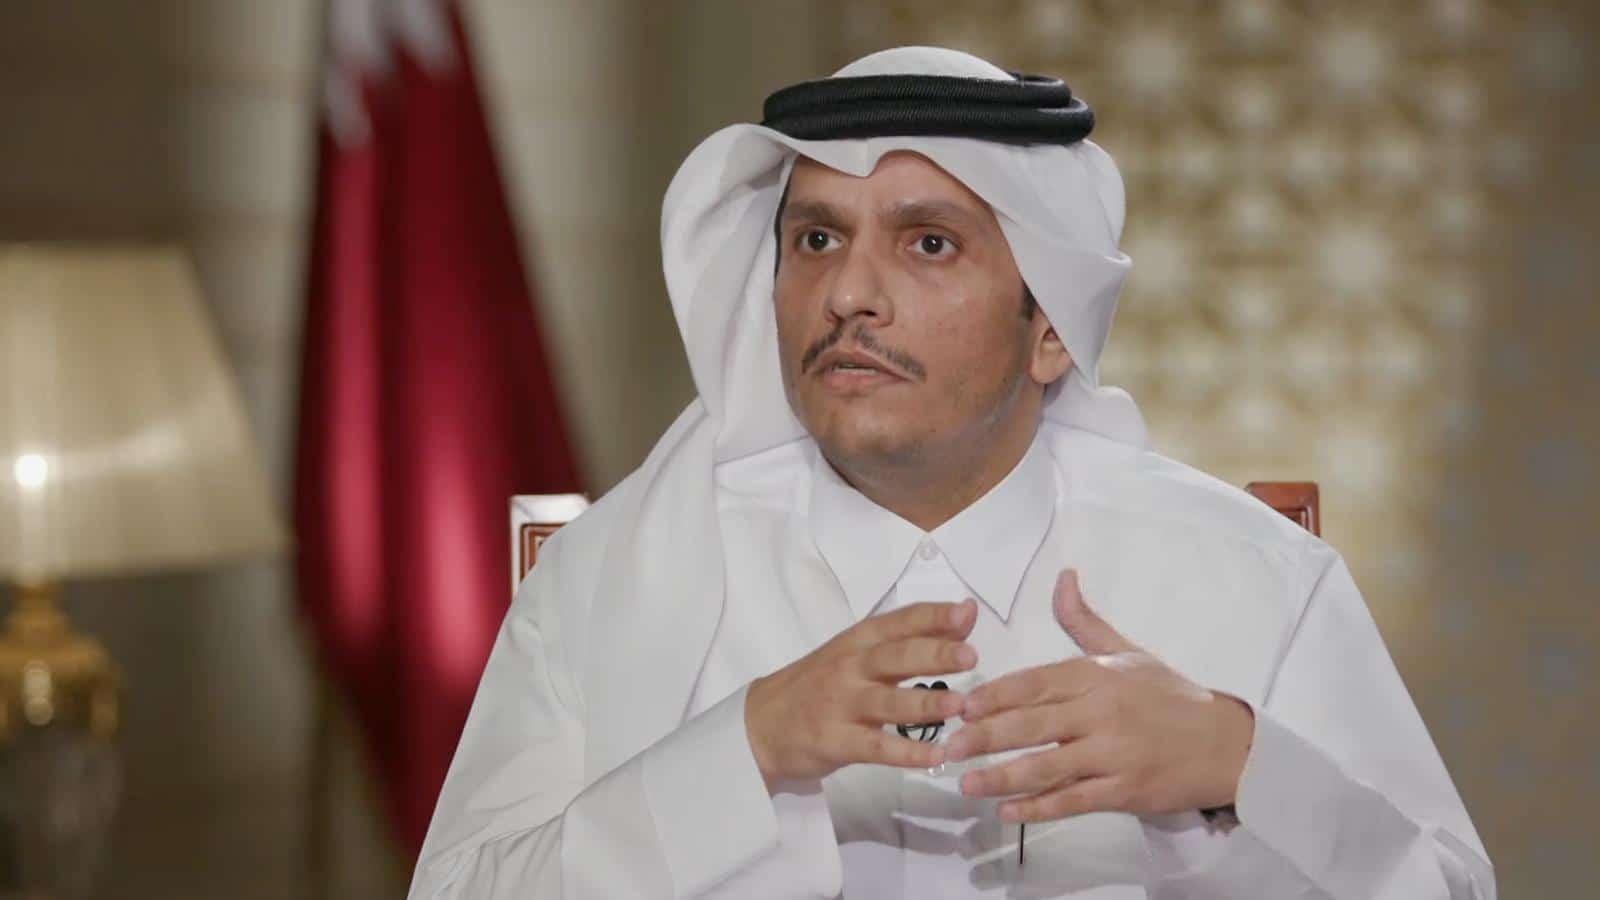 """وزير الخارجية القطري يهاجم حفتر ويصف قواته بـ""""المليشيات"""": يجب أن تع الأيادي العابثة هذه الحقيقة"""